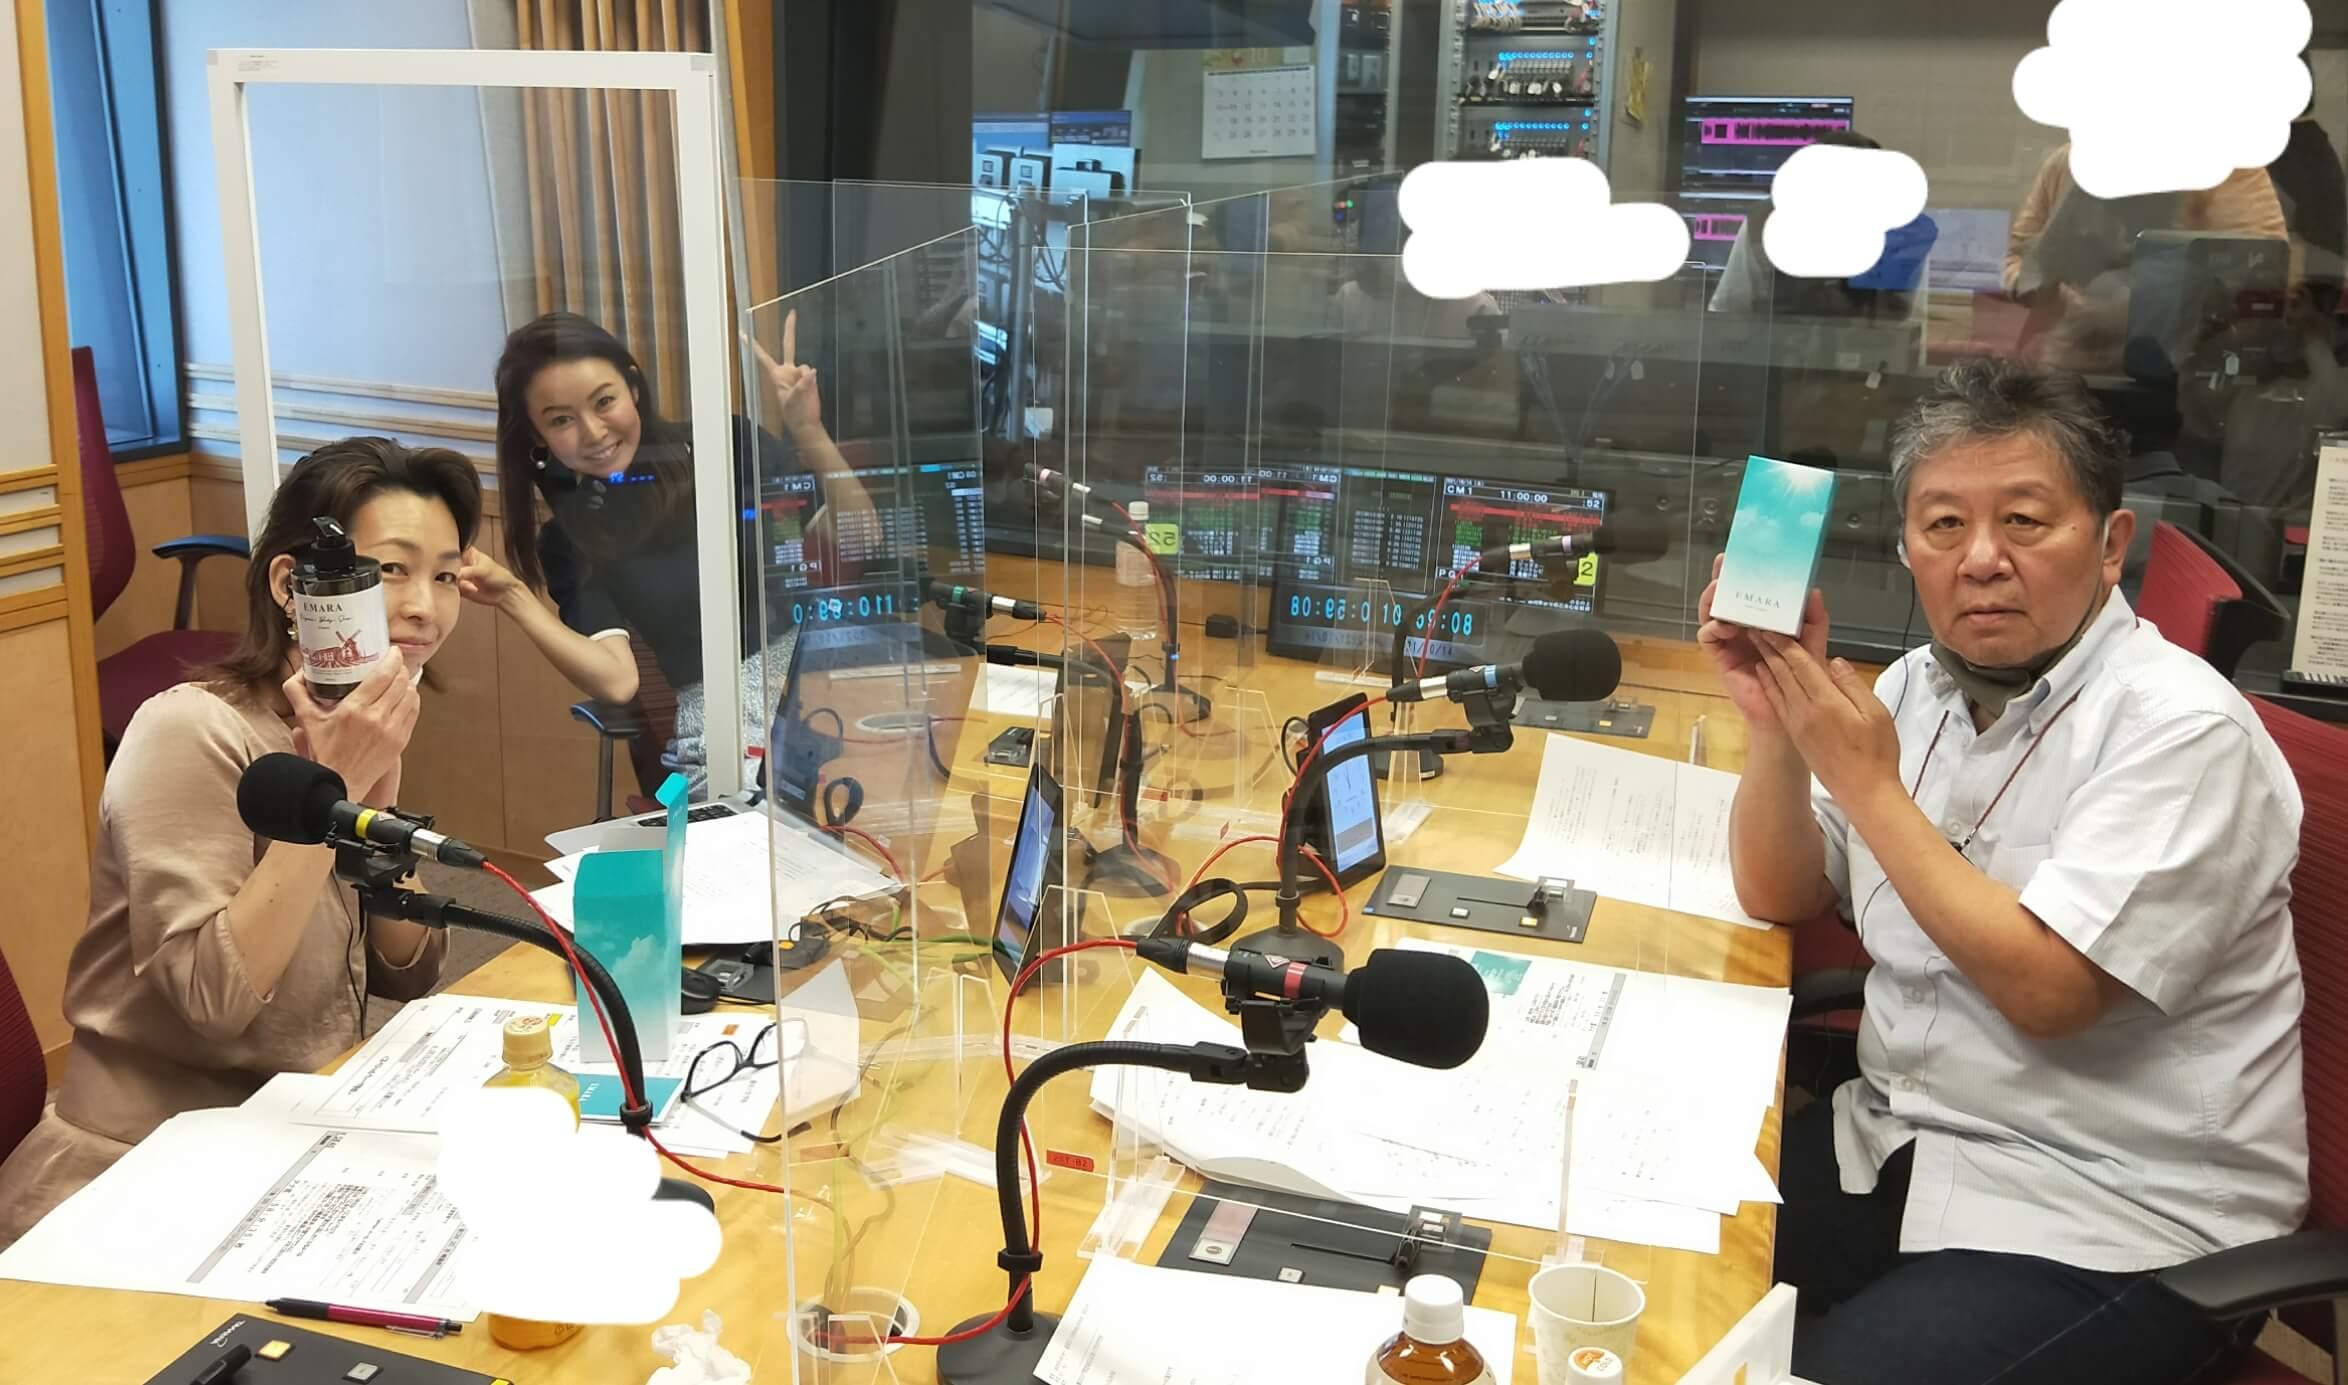 宮崎宣子さんが文化放送に帰還!笑撃の伝説の連続で時間が足りない!~10月14日「くにまるジャパン極」